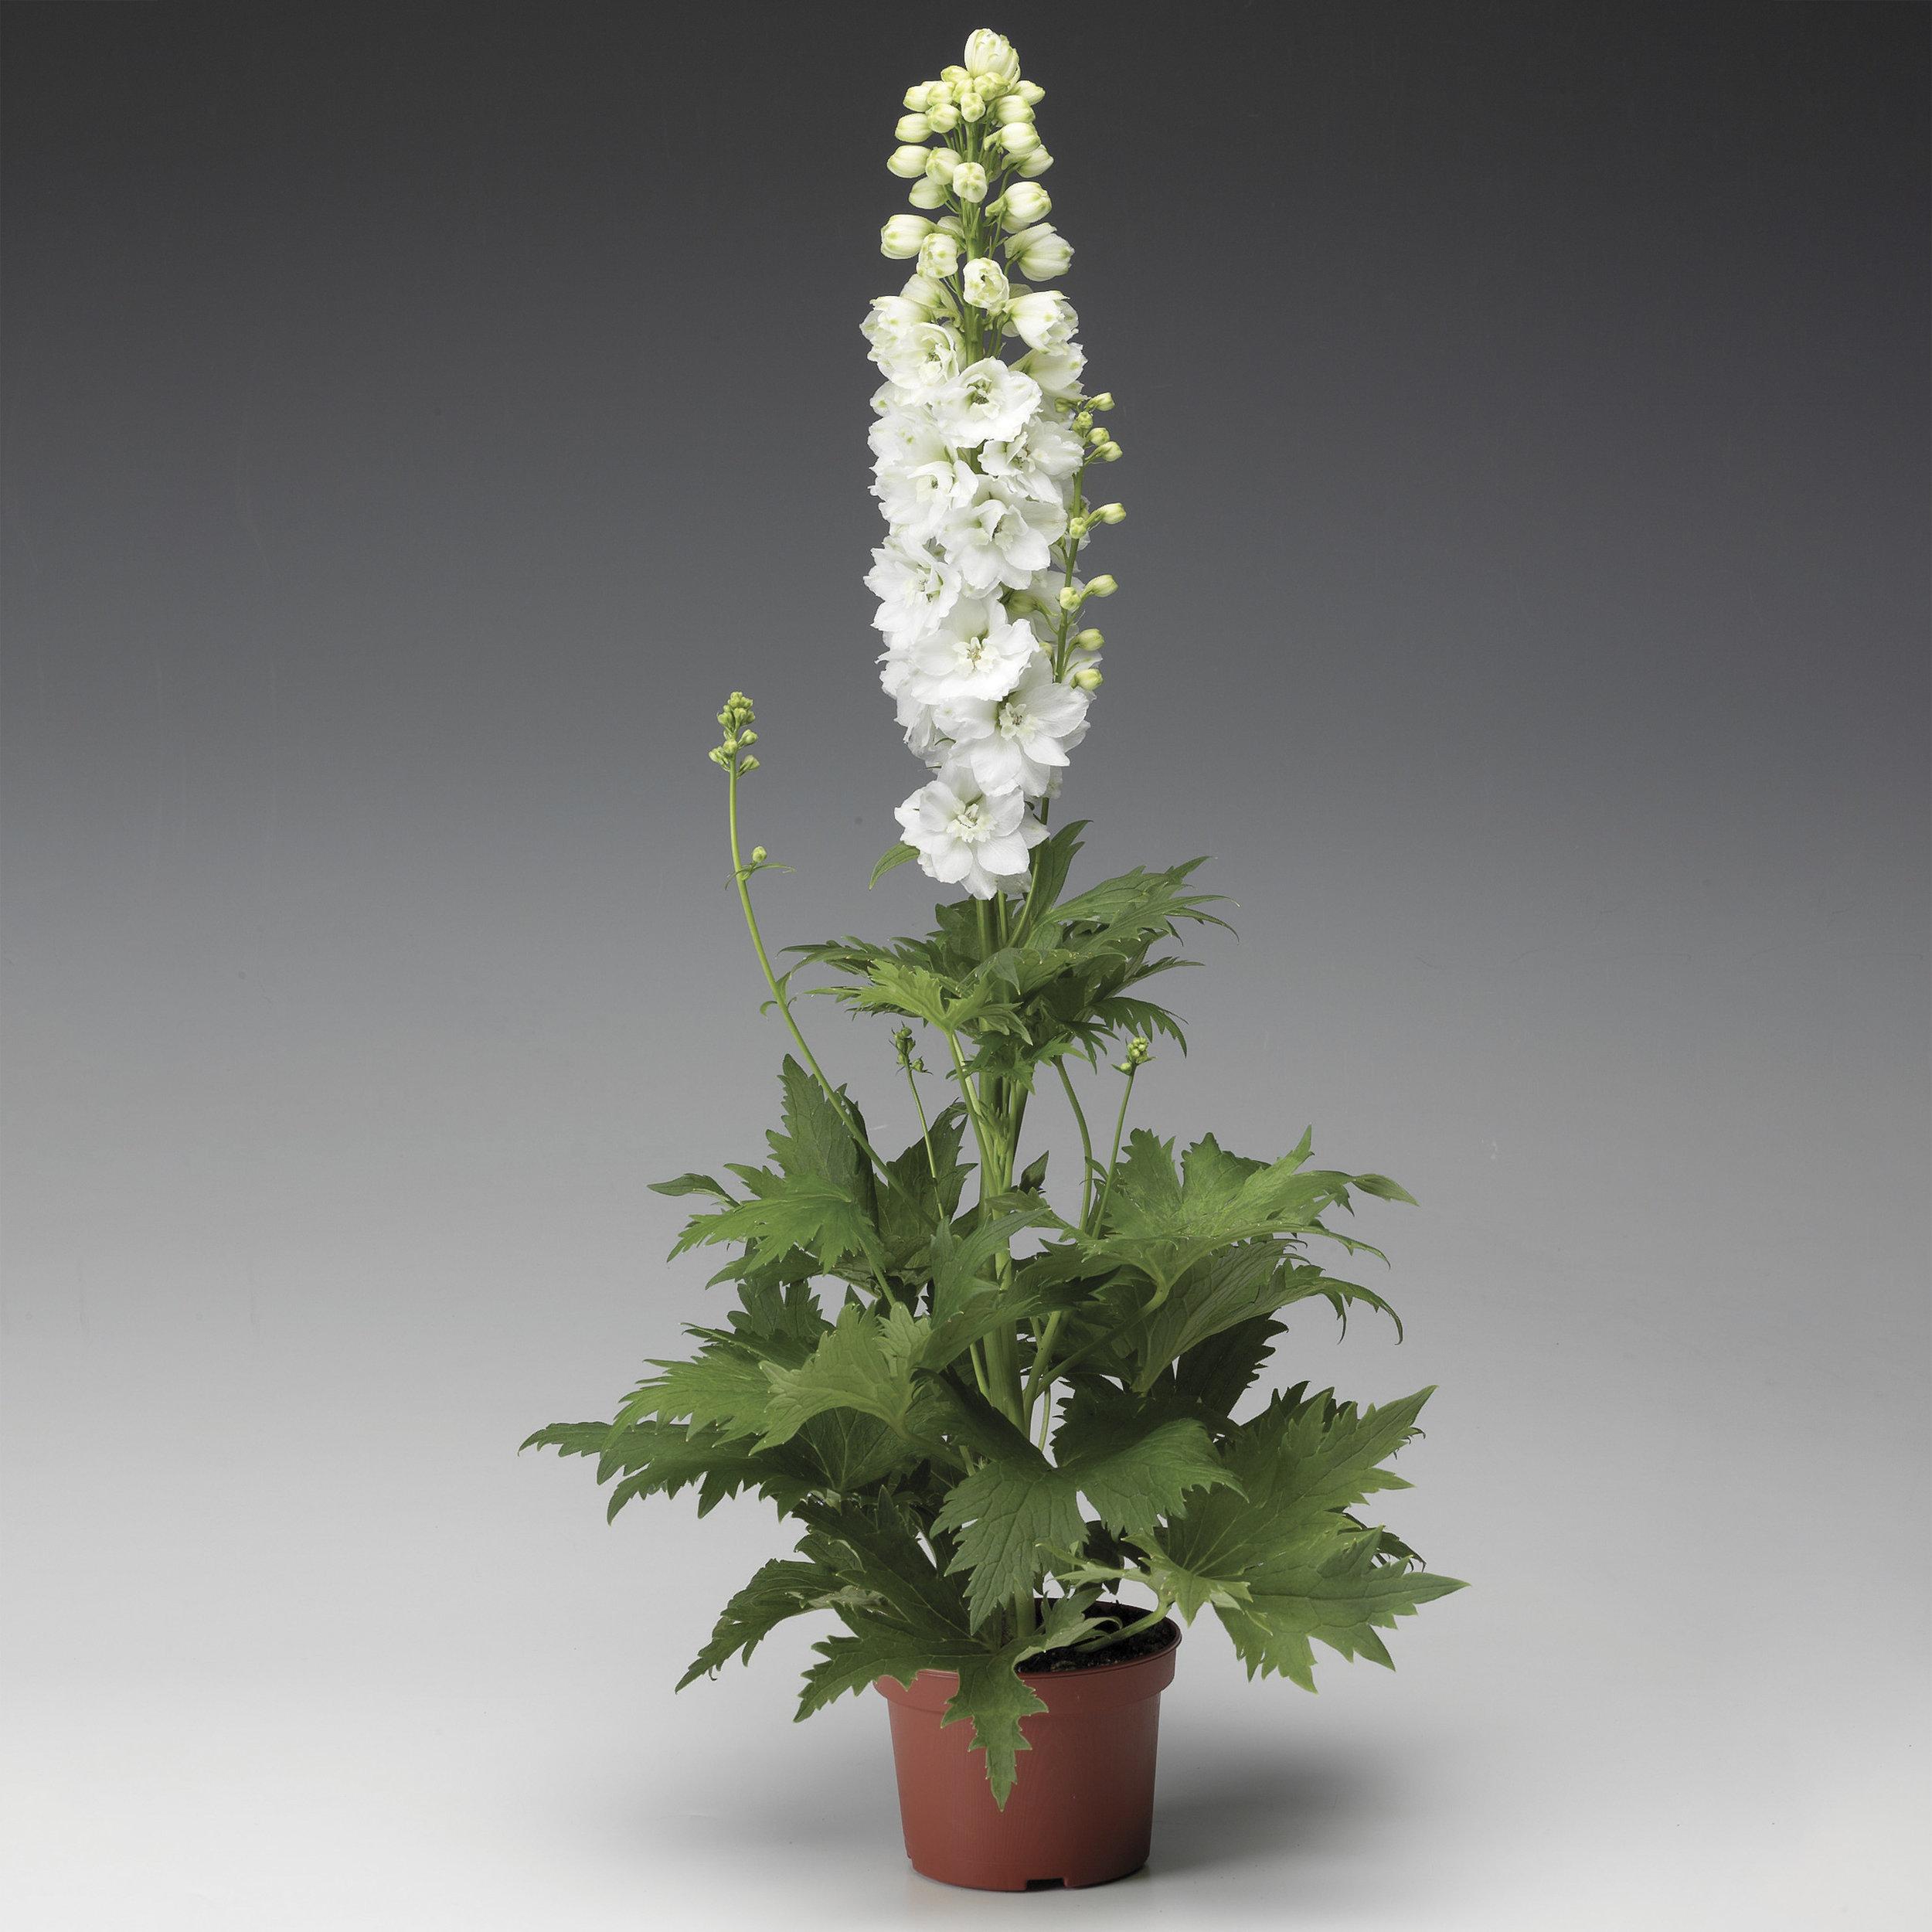 HR_Seed_Delphinium_Excalibur™_Excalibur™_Pure_White_70001030_1.jpg